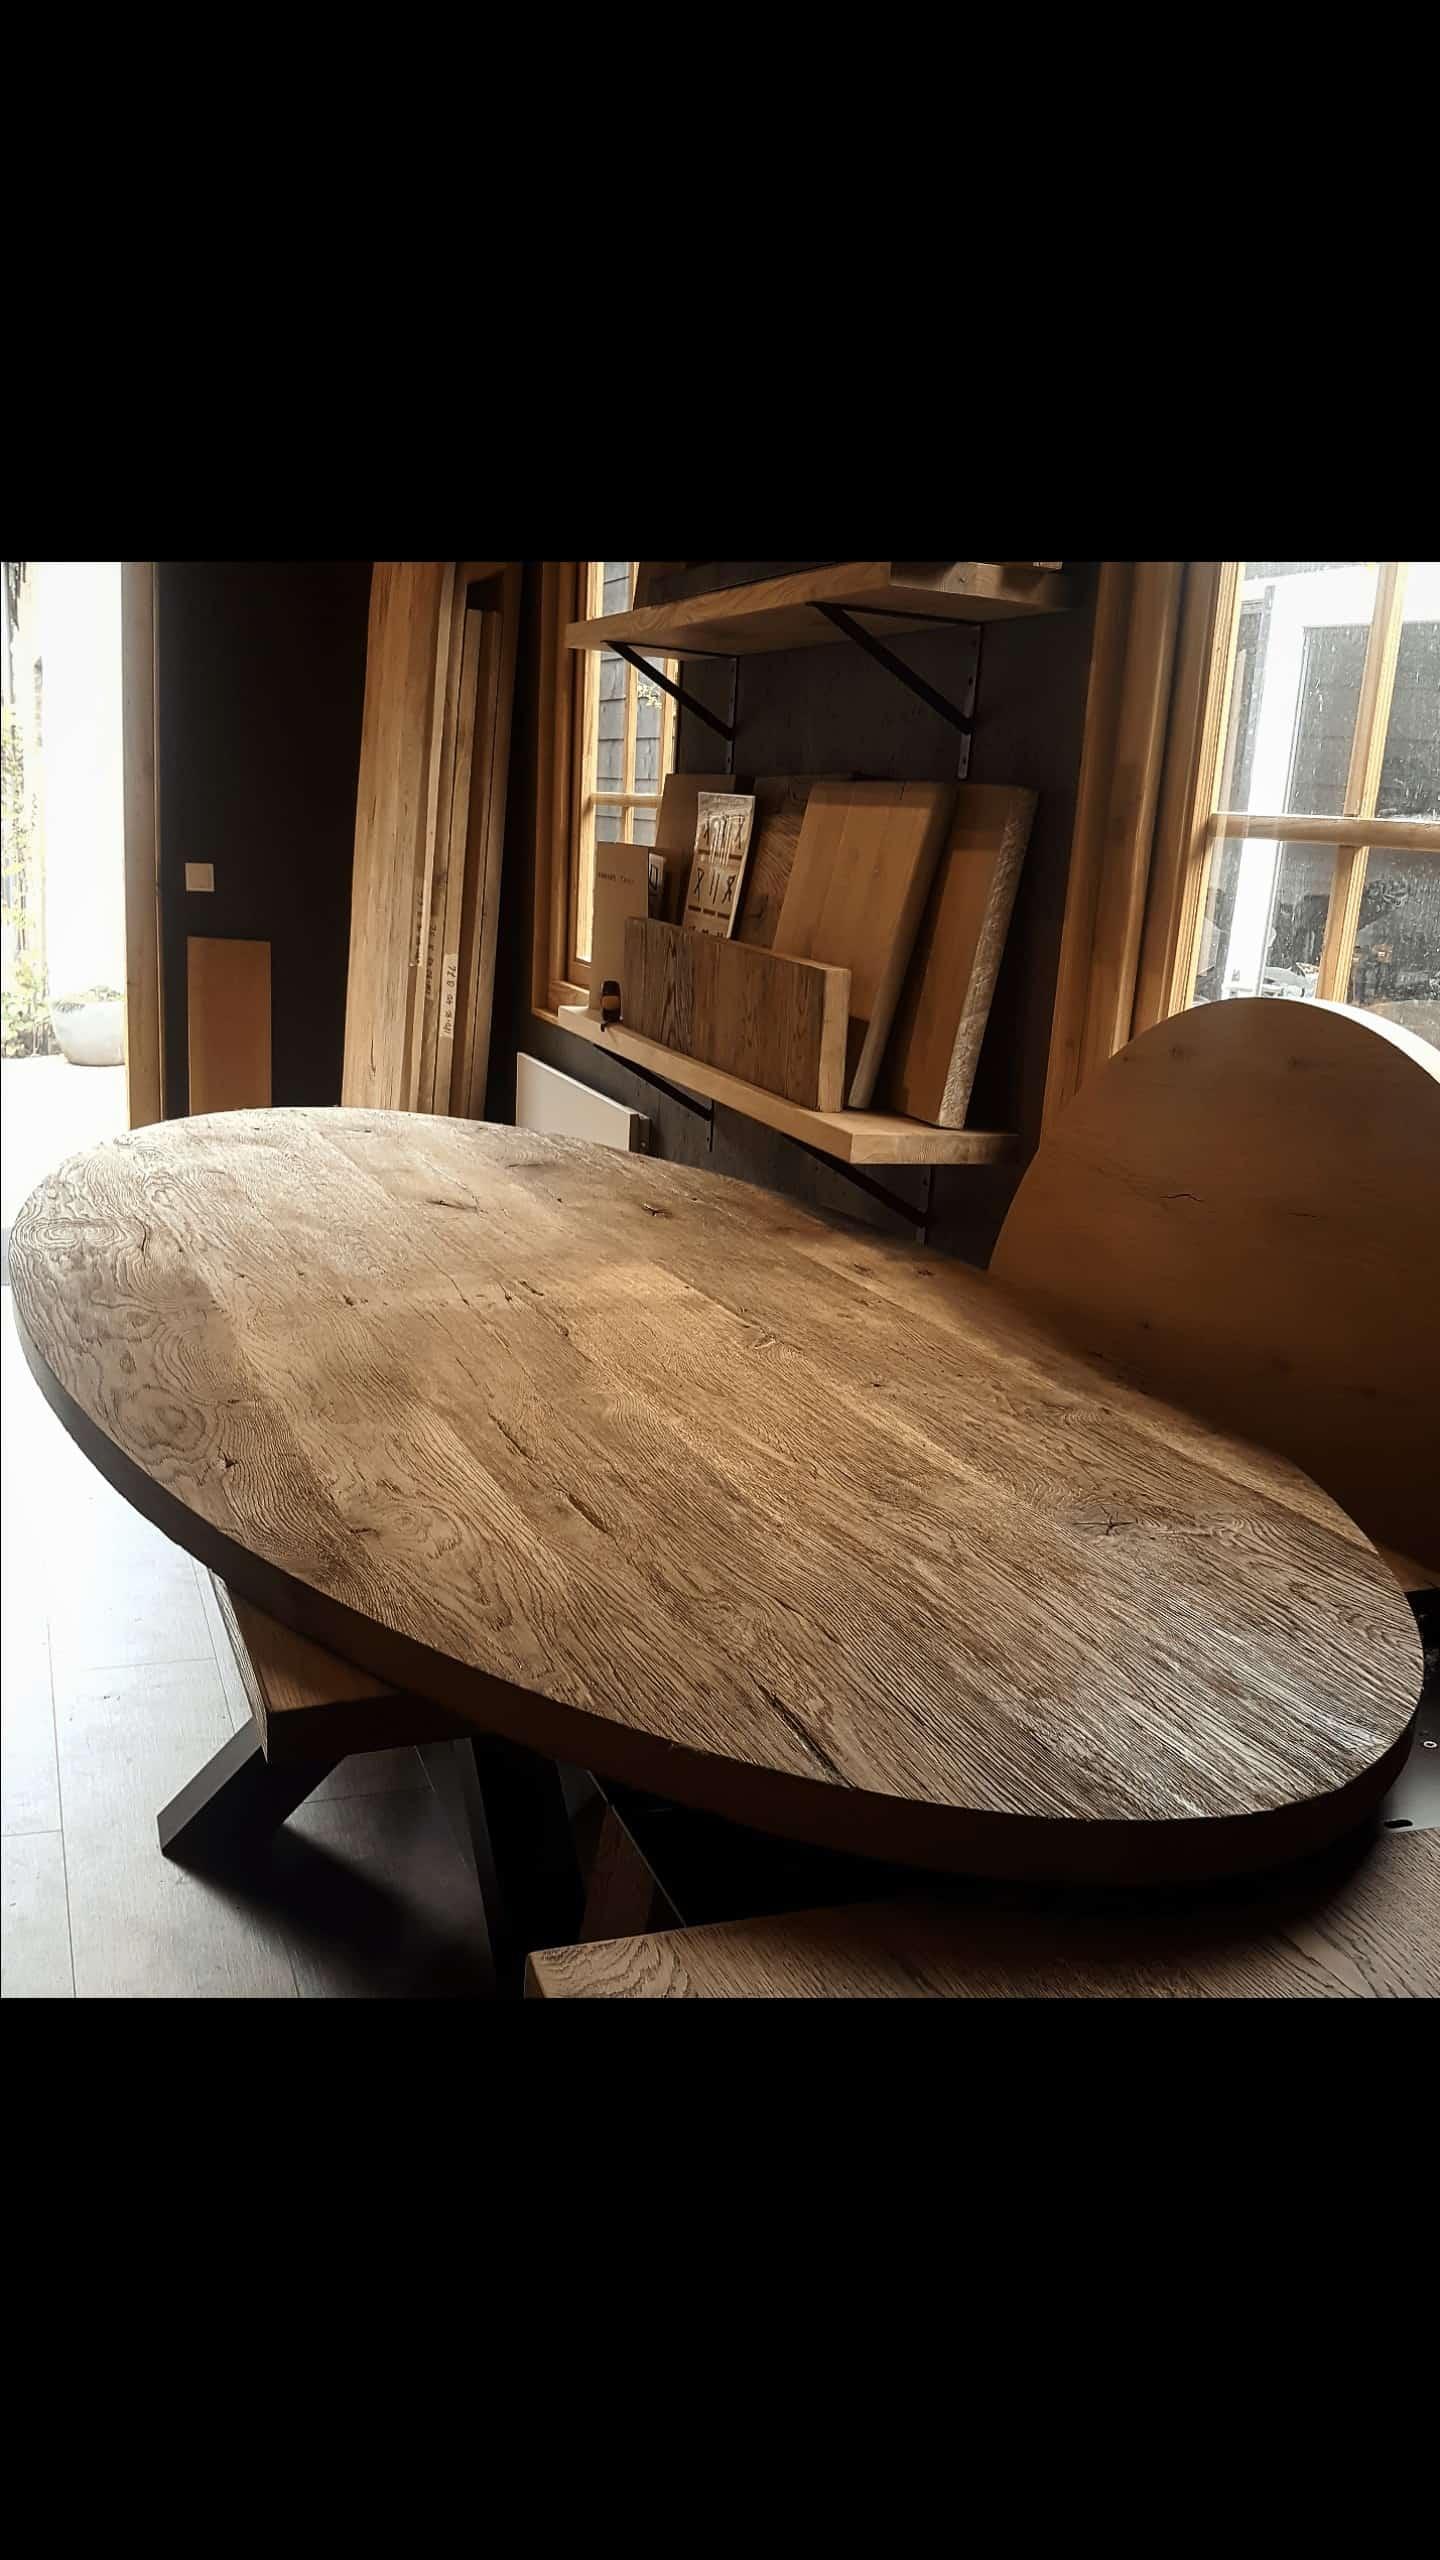 Ovaal oud eiken tafelblad